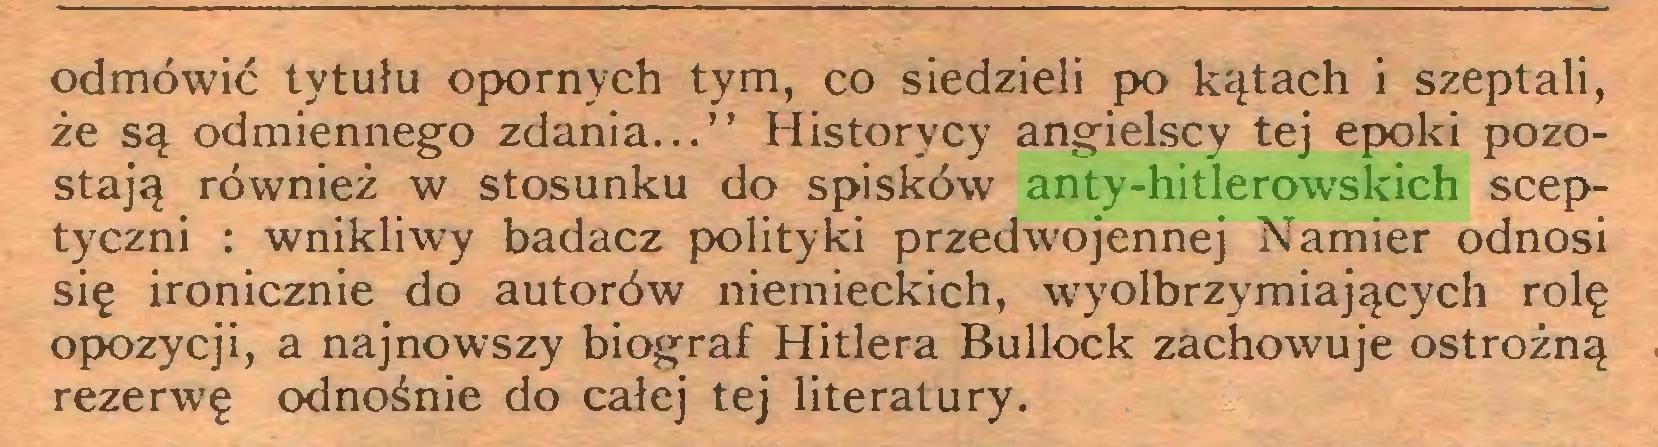 """(...) odmówić tytułu opornych tym, co siedzieli po kątach i szeptali, że są odmiennego zdania..."""" Historycy angielscy tej epoki pozostają również w stosunku do spisków anty-hitlerowskich sceptyczni : wnikliwy badacz polityki przedwojennej Namier odnosi się ironicznie do autorów niemieckich, wyolbrzymiających rolę opozycji, a najnowszy biograf Hitlera Bullock zachowuje ostrożną rezerwę odnośnie do całej tej literatury..."""